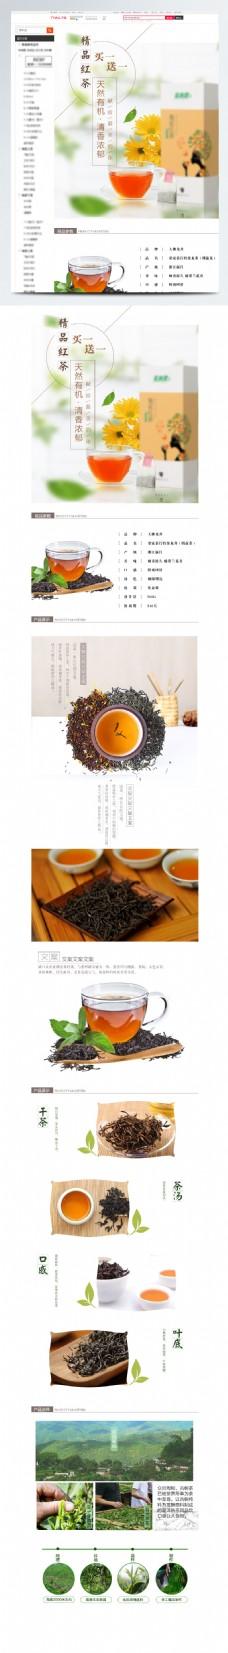 红茶茶叶详情页描述天然有机茶叶模板